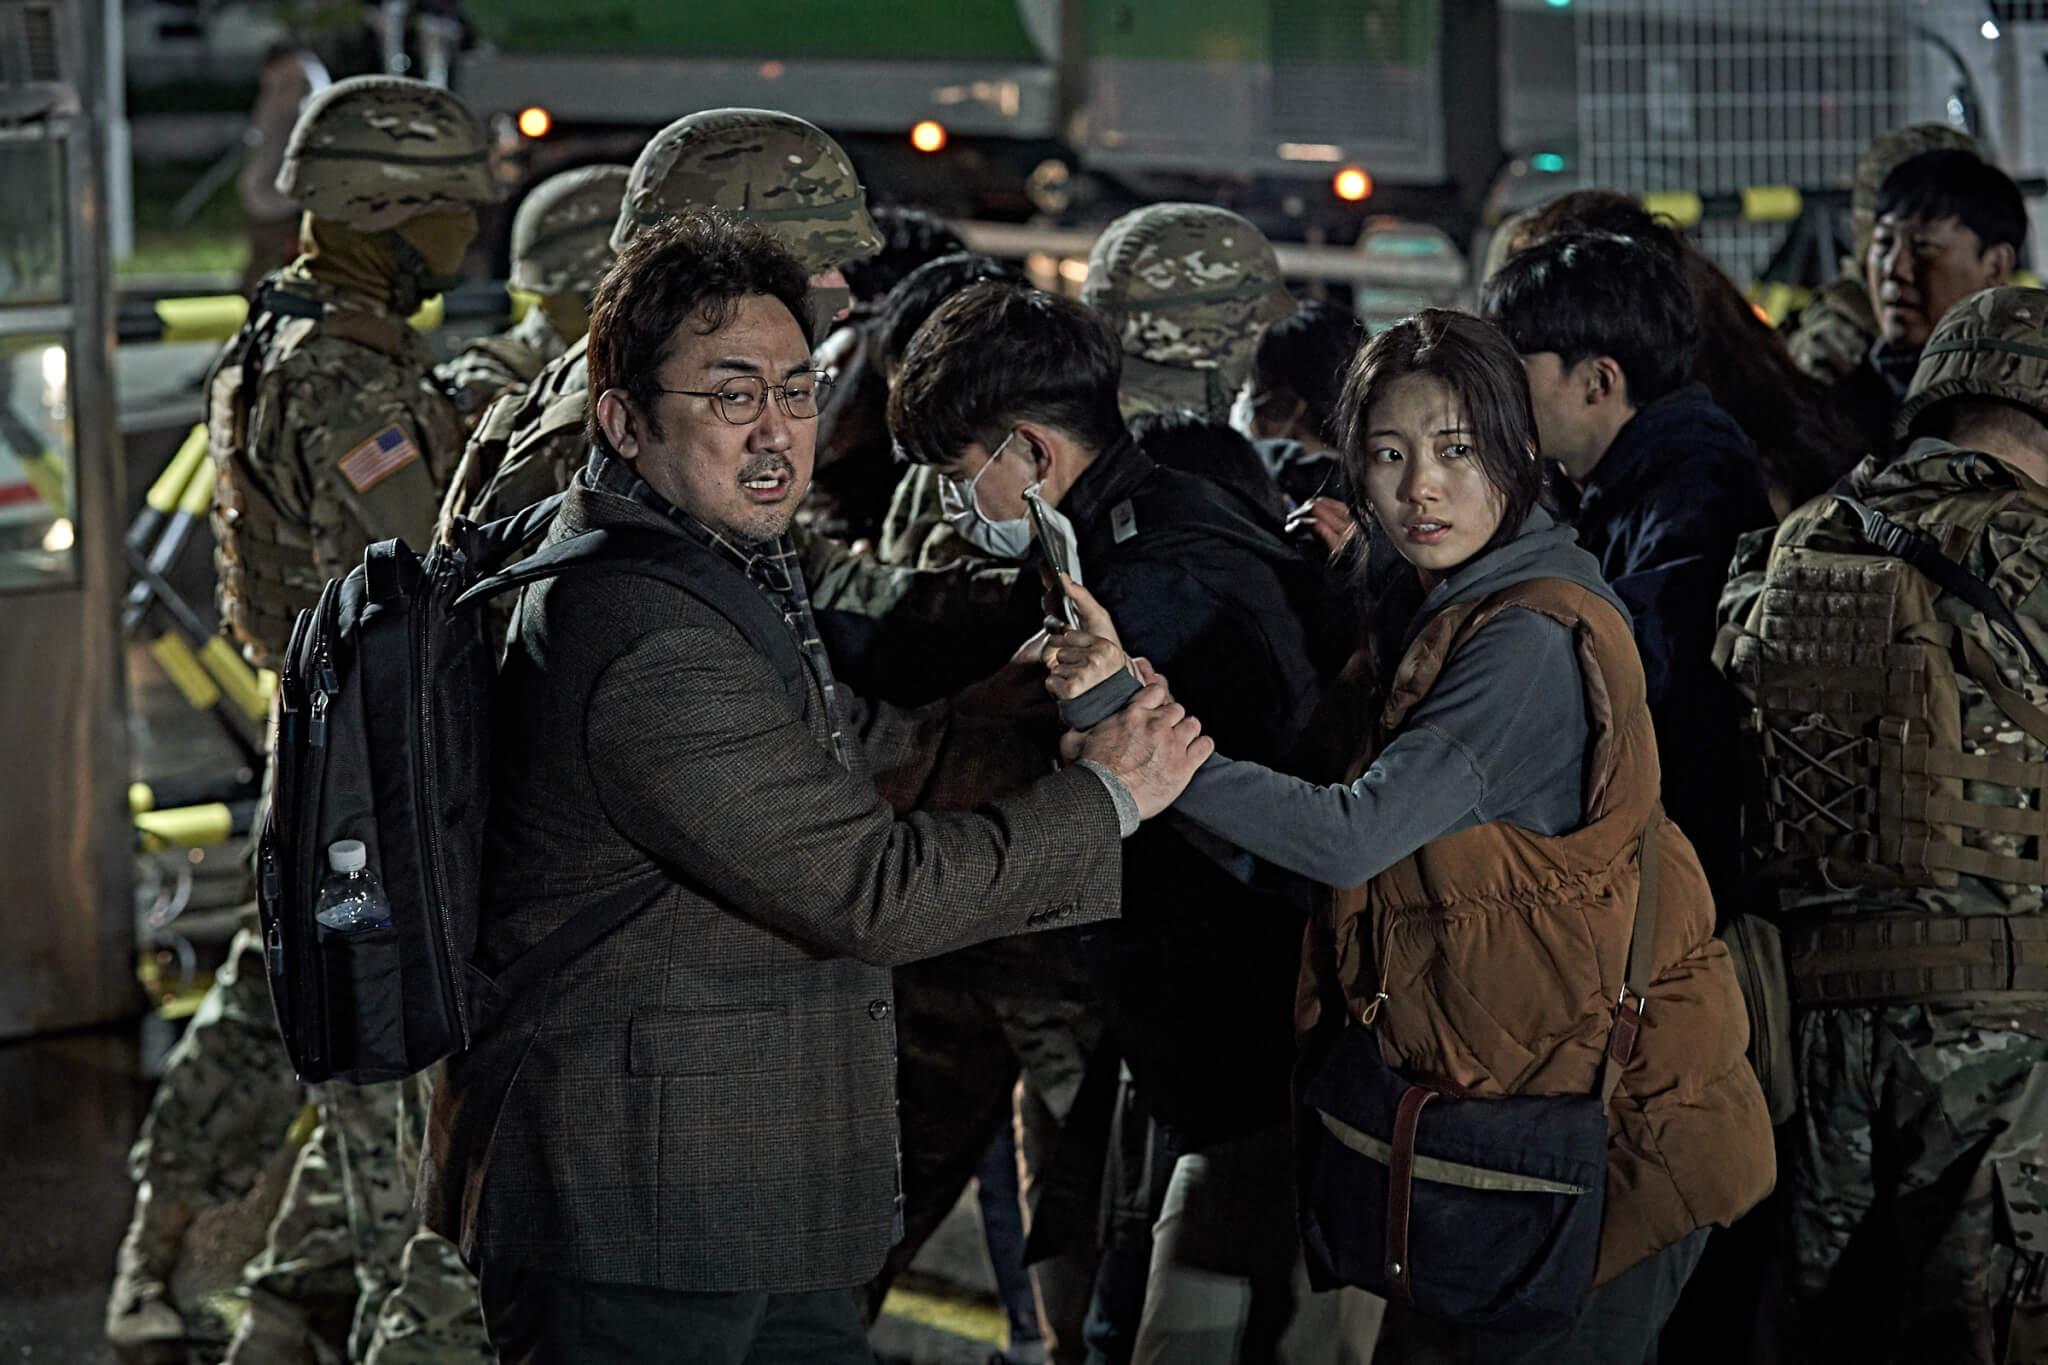 馬東錫今次在《白頭山》飾演手無搏雞之力的地震學家,算是另類突破。